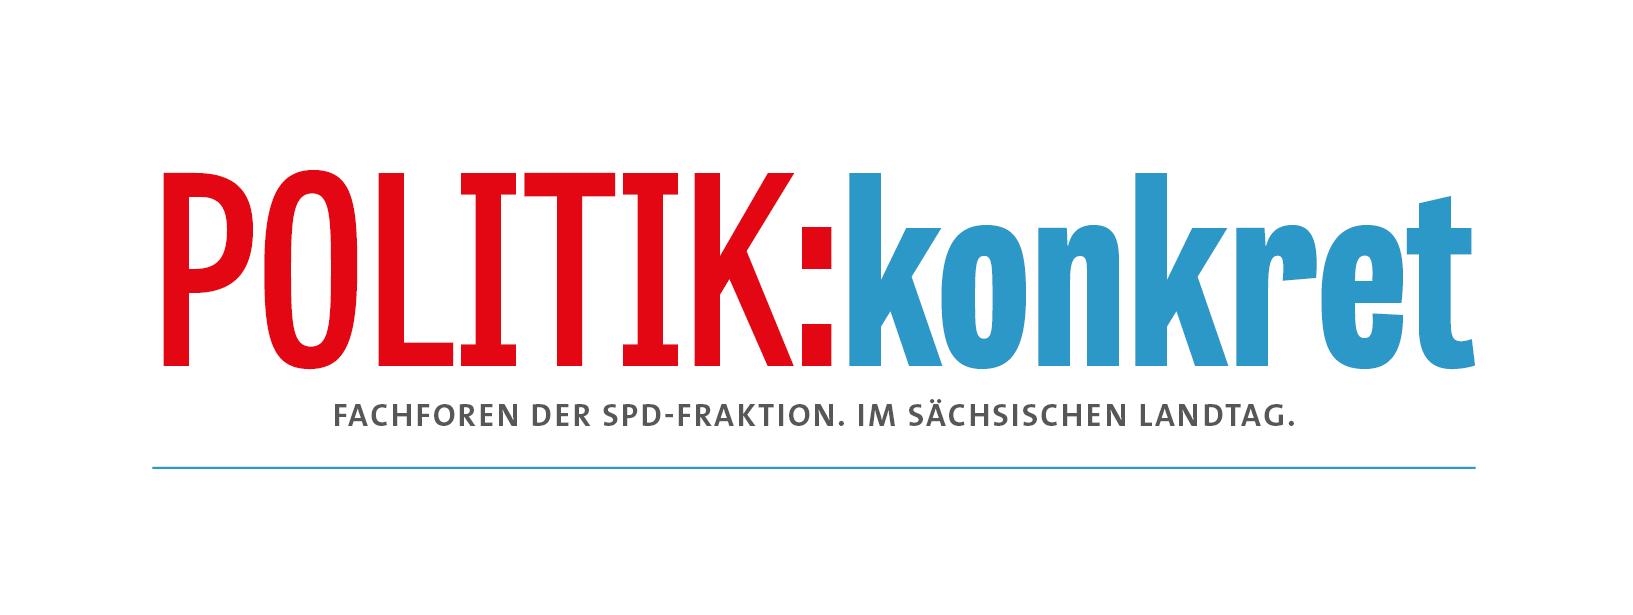 2016-04-26 PolitikKonkret4